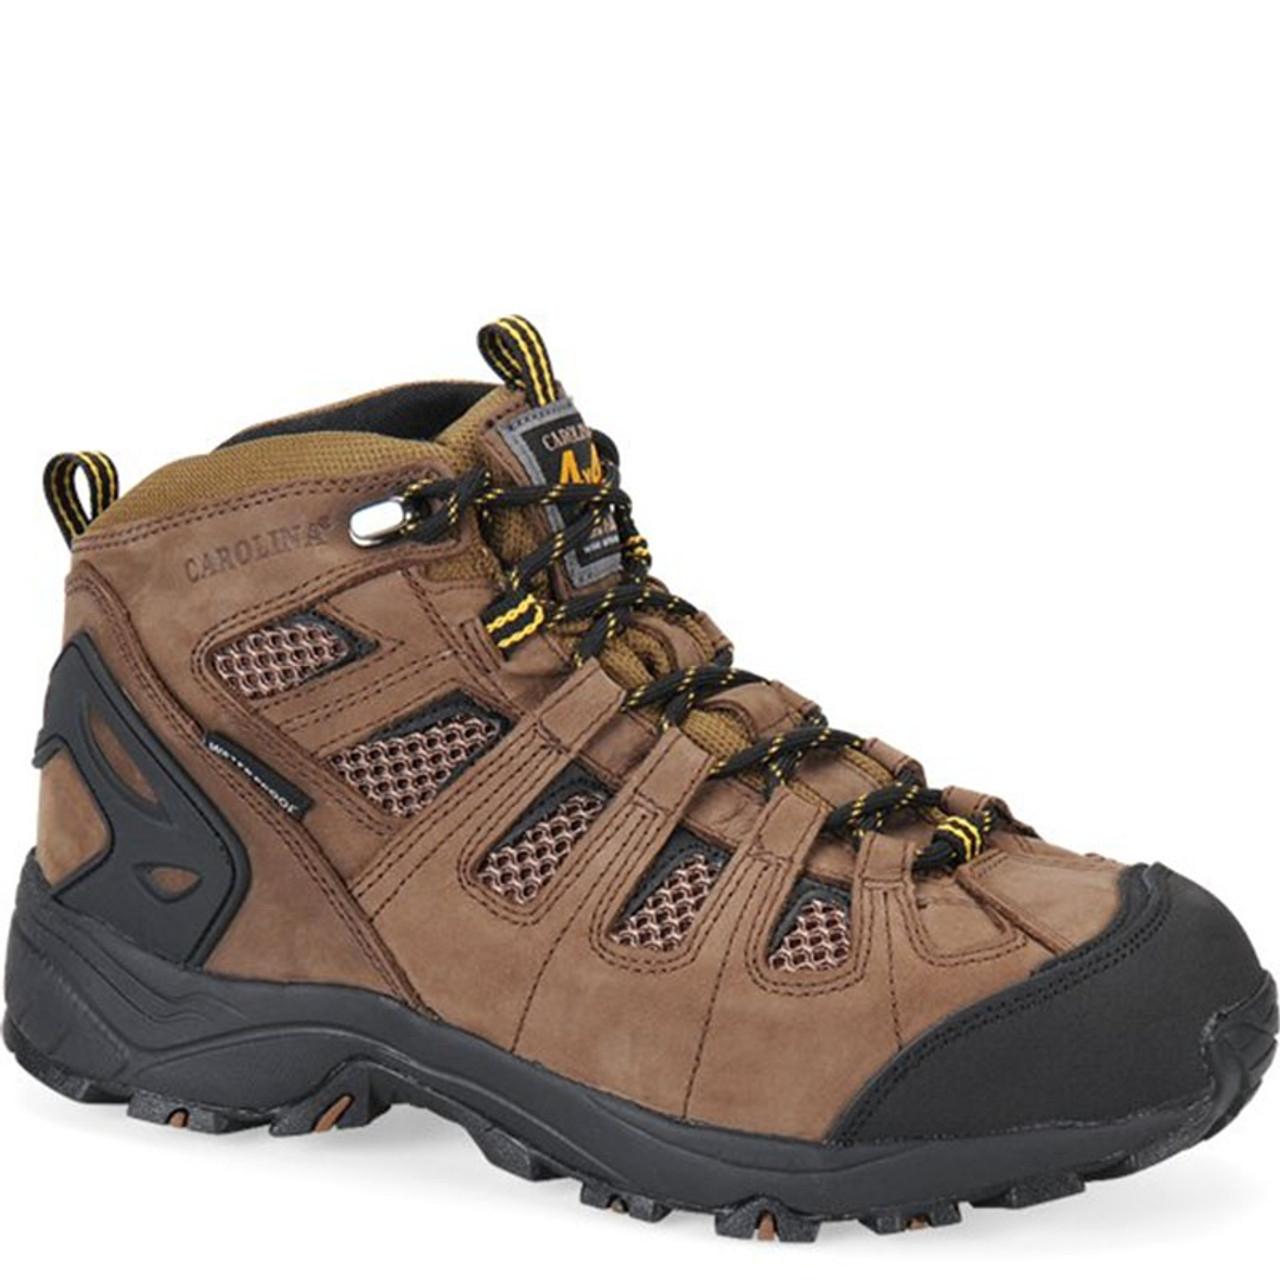 6ac61008314 Carolina CA4525 QUAD CARBON Men's Composite Toe 4x4 Hiking Boots